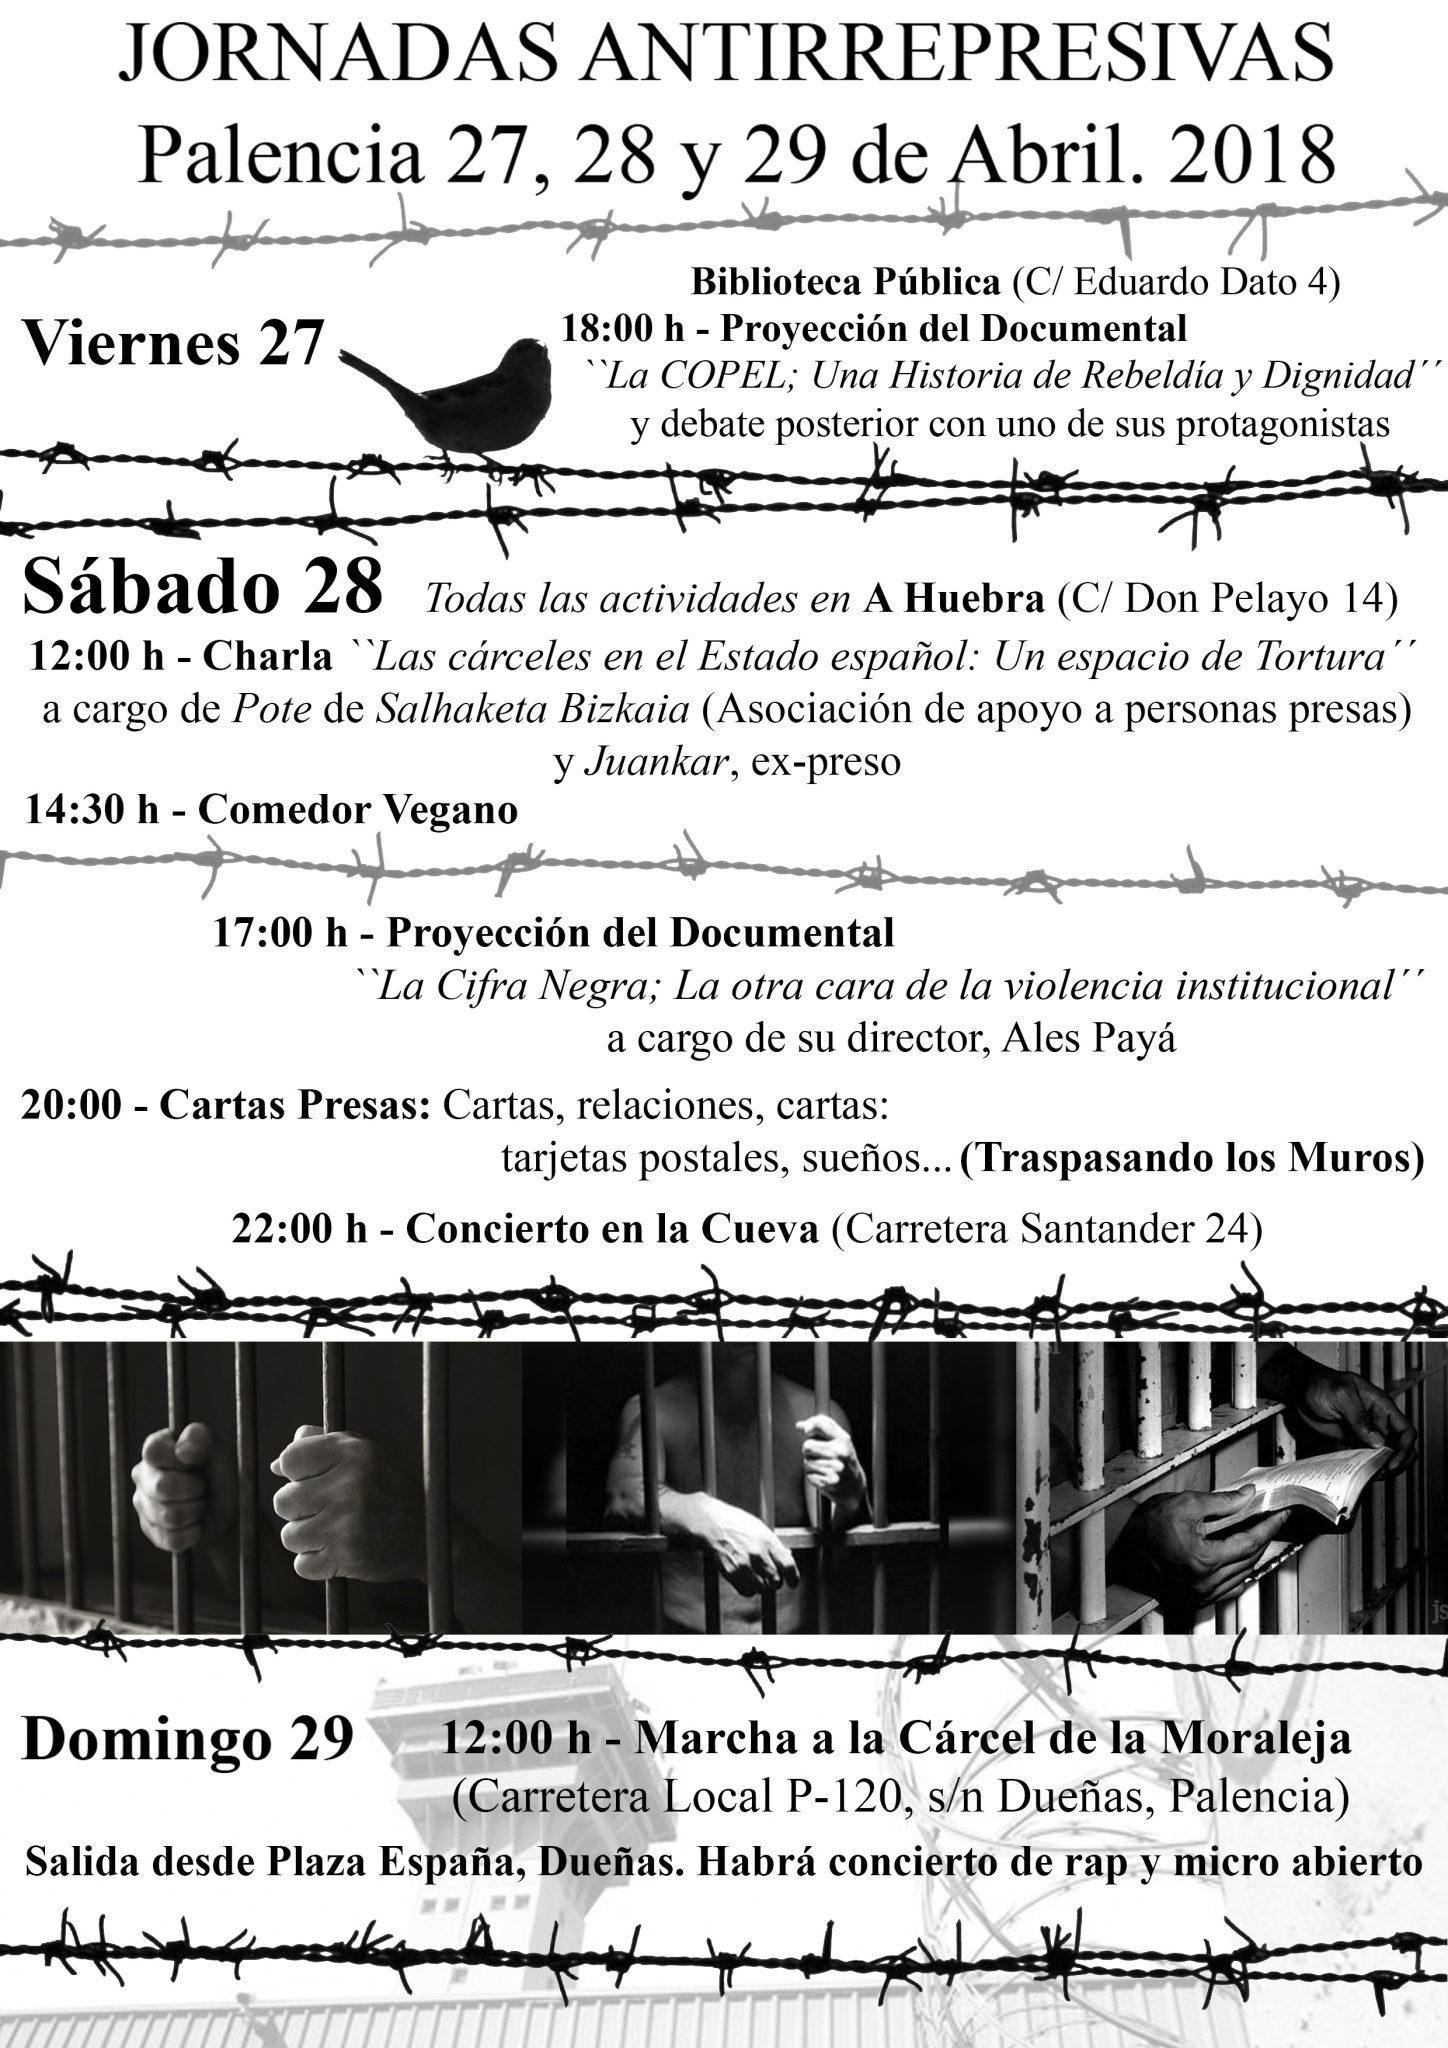 Lujoso Reanudar Call Center Ilustración - Ejemplo De Colección De ...